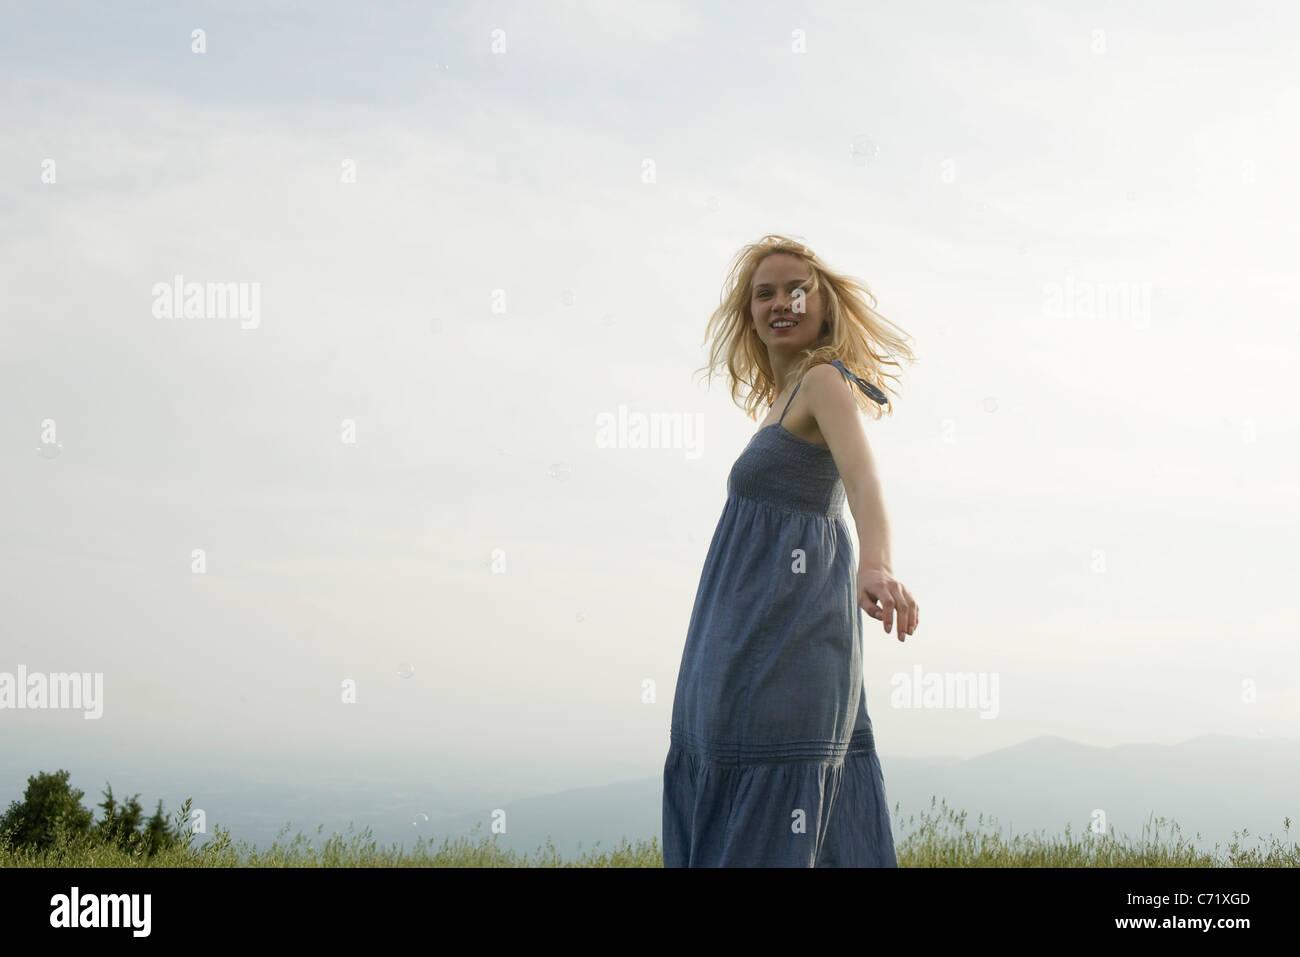 Mujer joven en praderas permanentes en días ventosos, burbujas flotando a su alrededor. Foto de stock